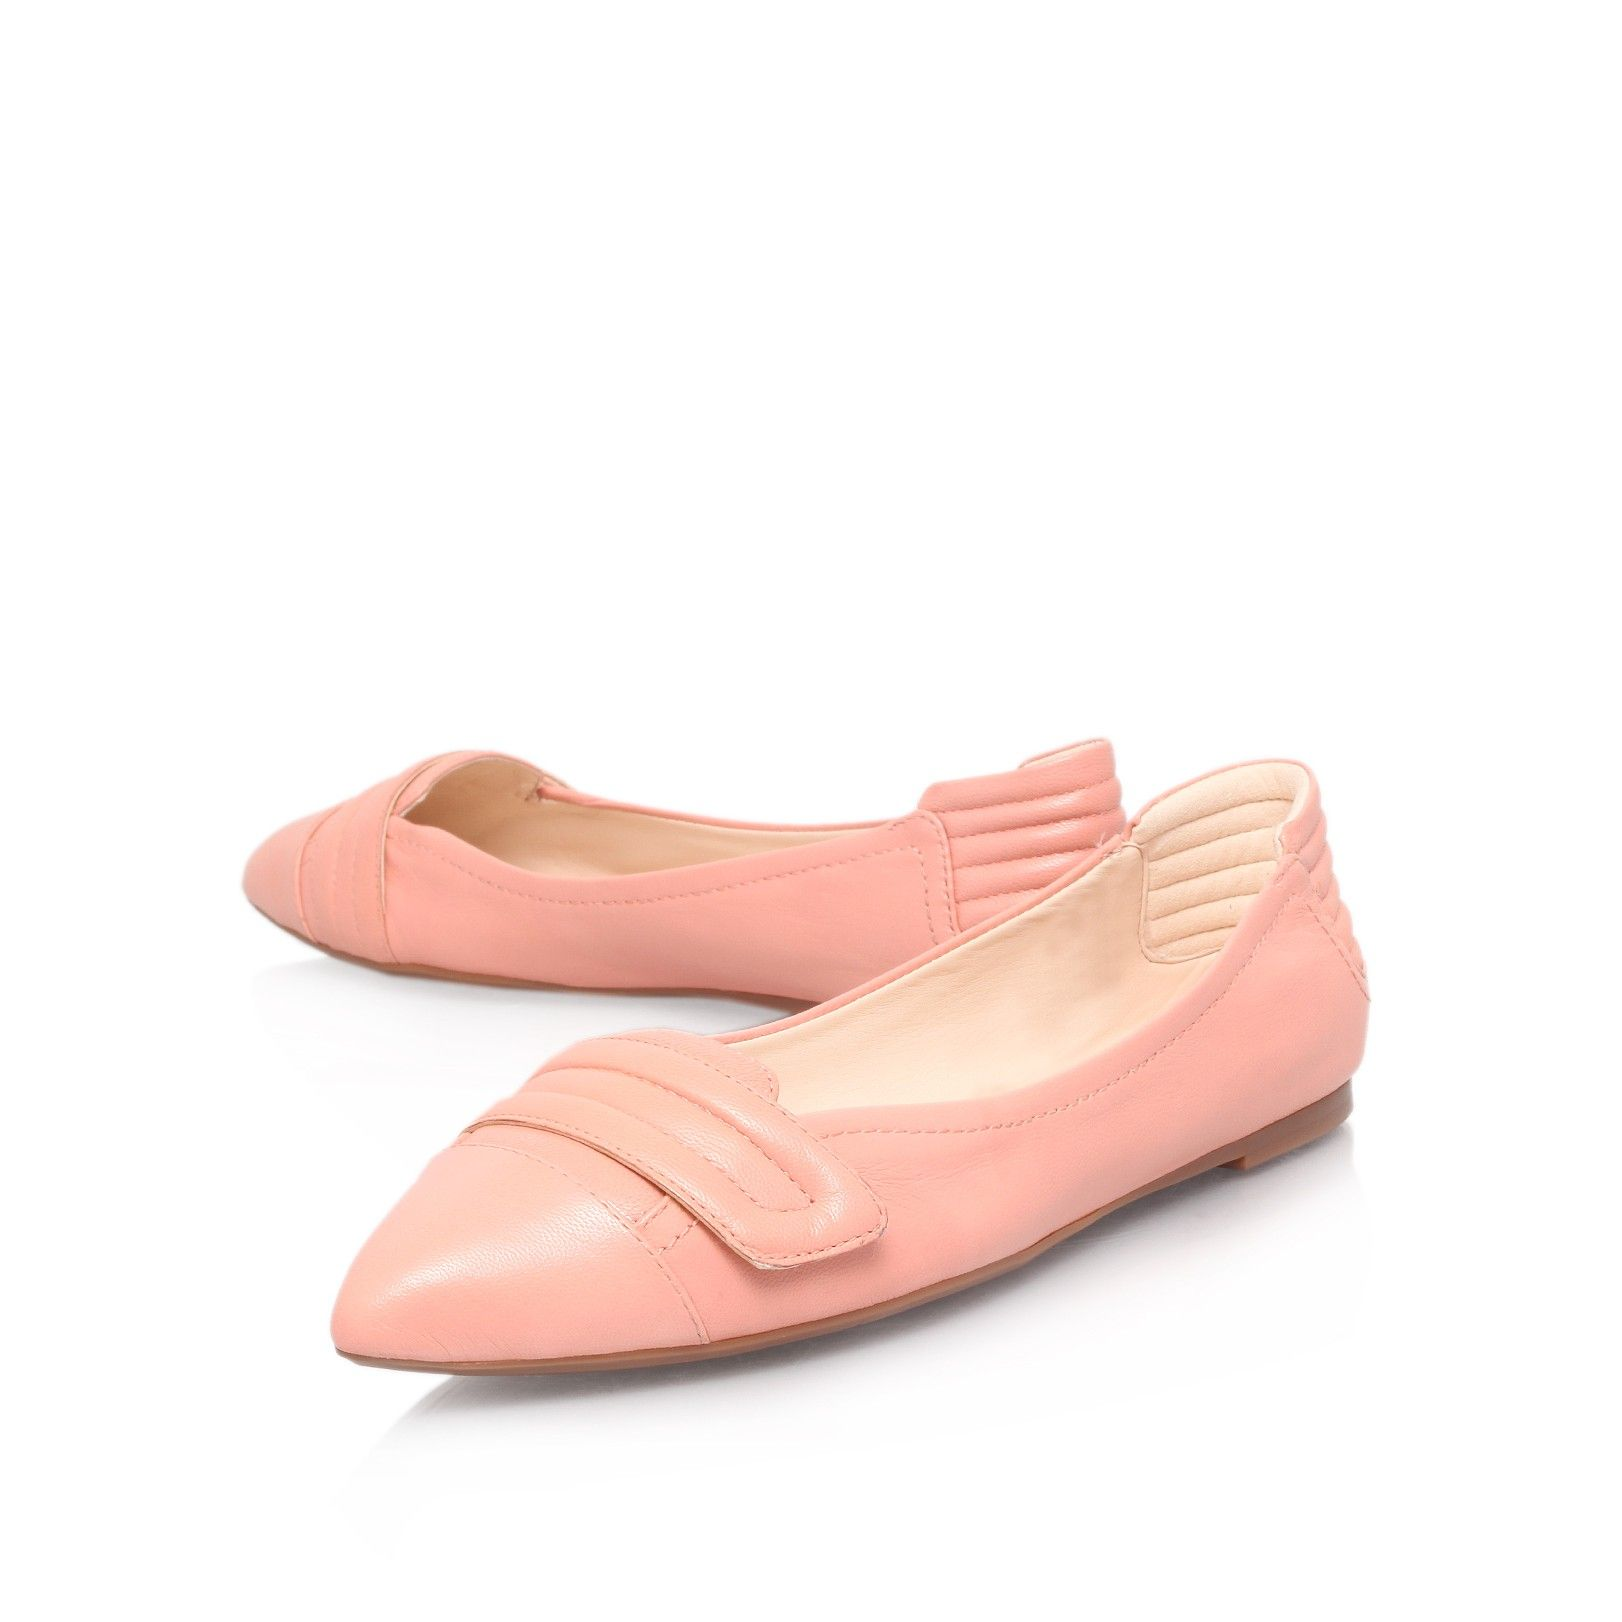 7d06d3c8e277 saramarie, peach shoe by nine west - women shoes flats   Random wants